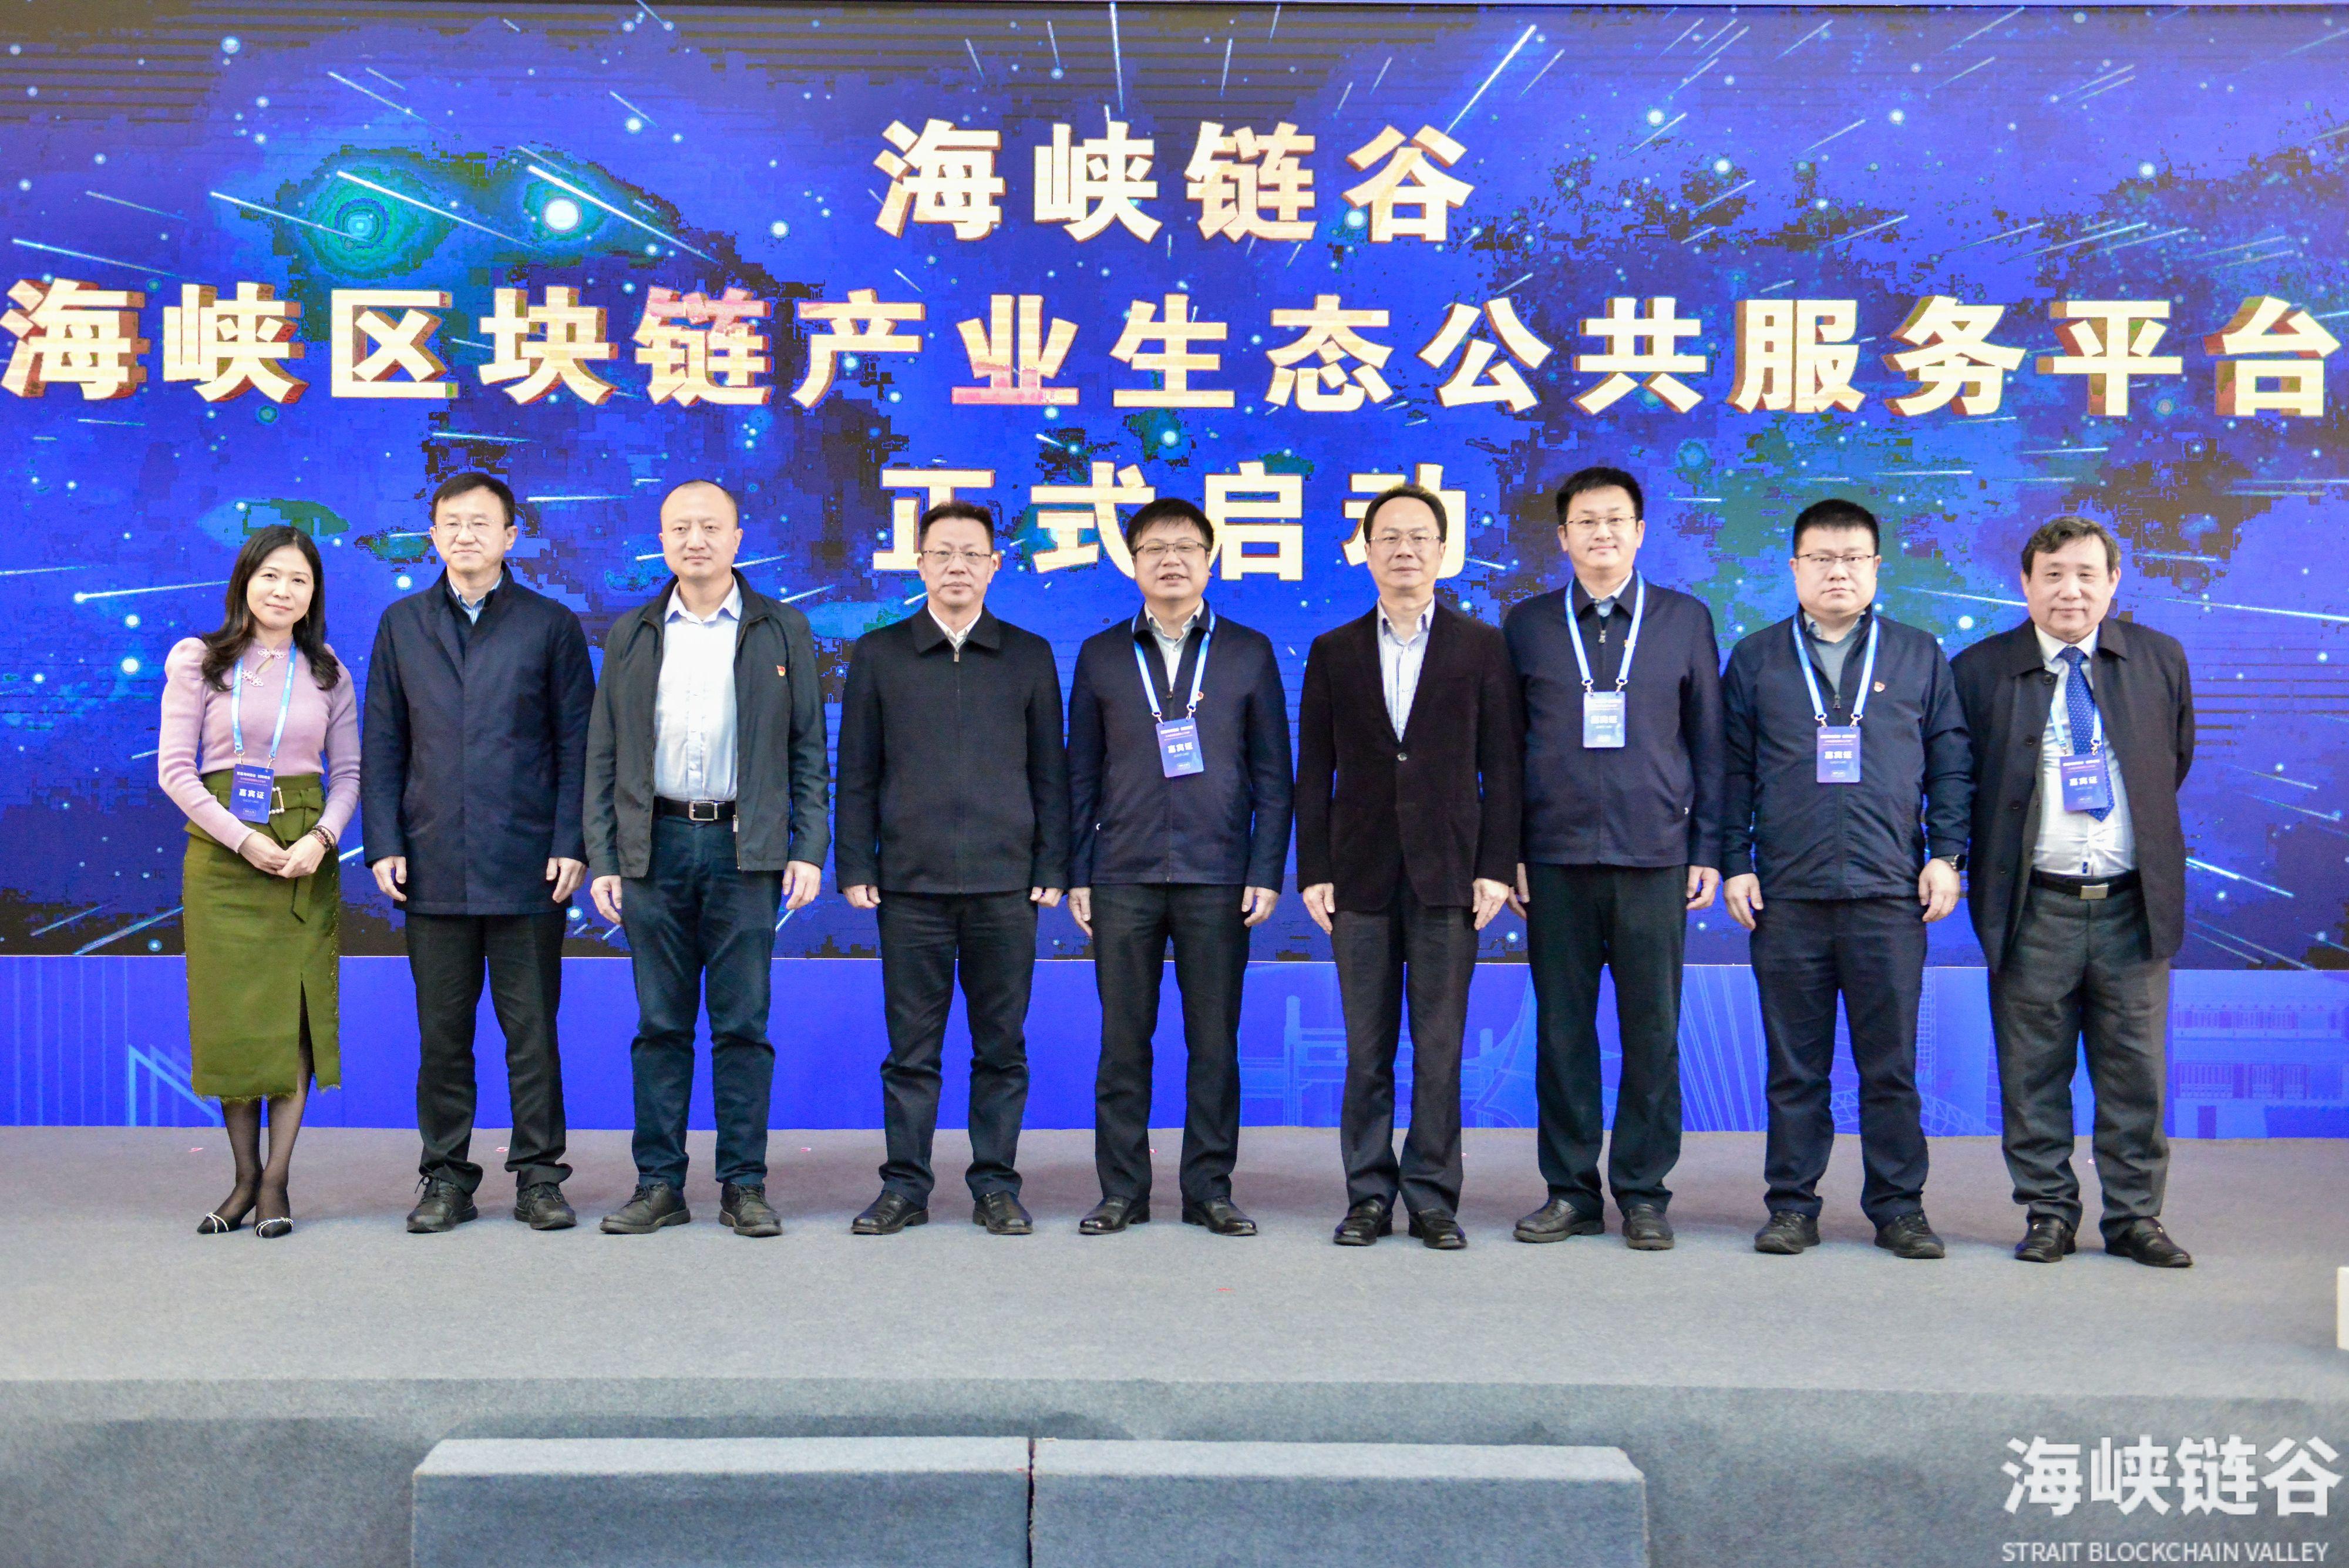 打造平台添动力,未来发展看高新!福州高新区成功举办首届海峡链谷•创新峰会!